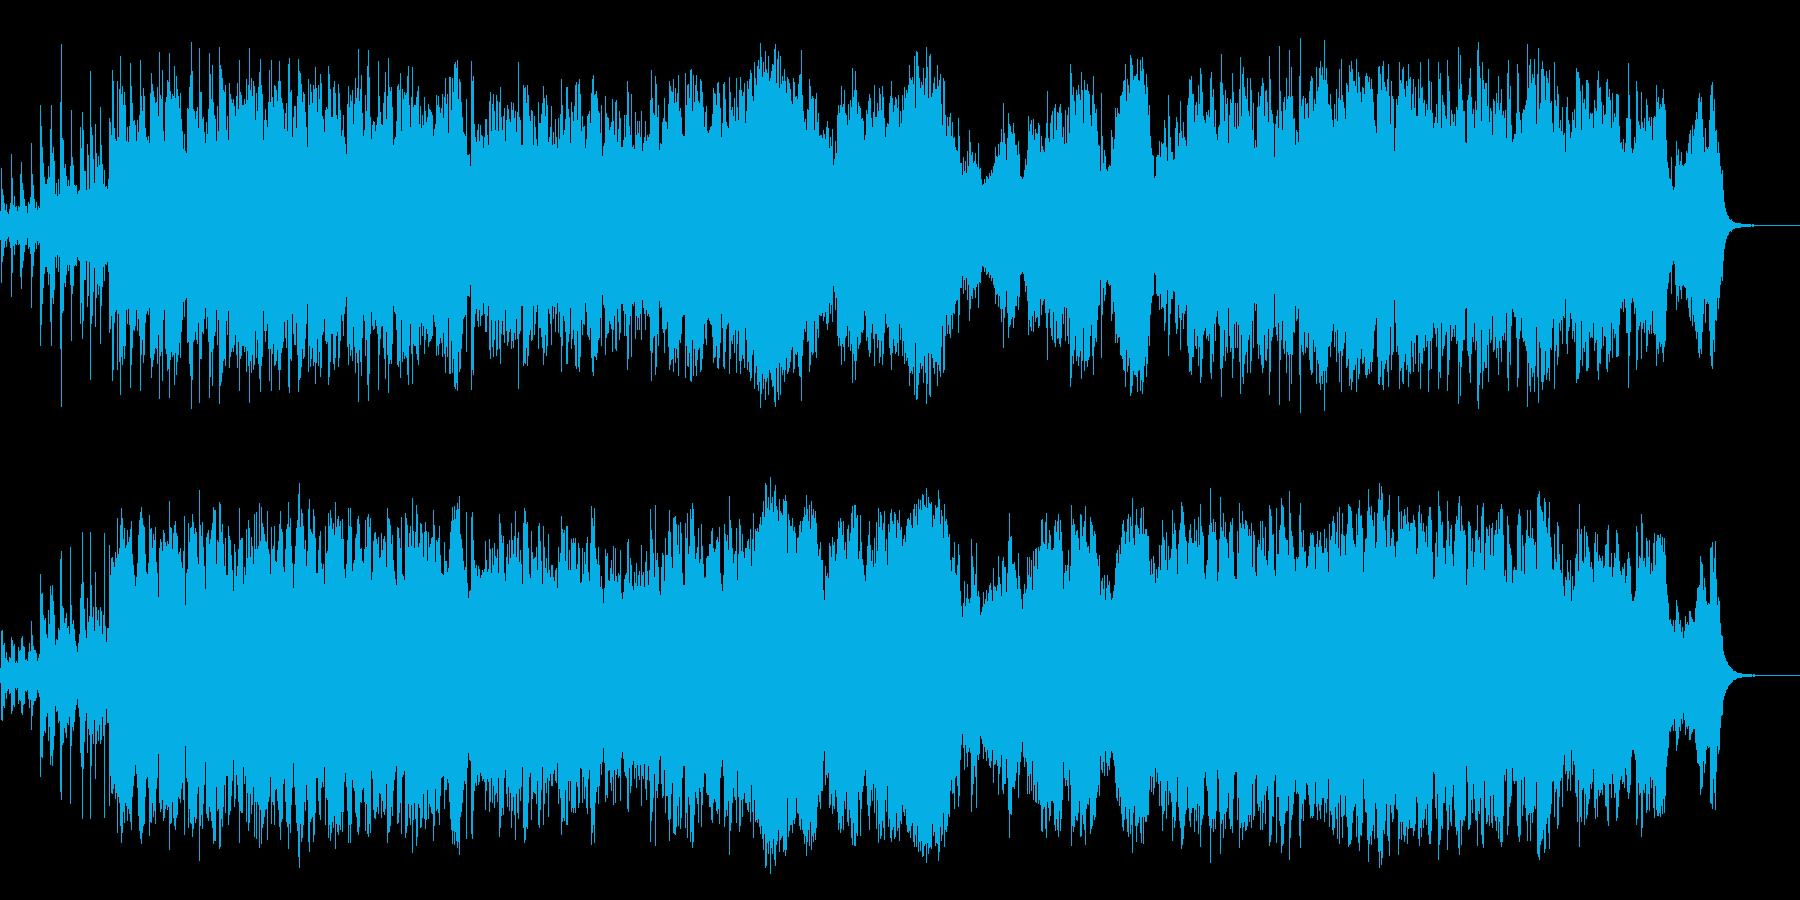 大河ドラマ系和風オーケストラ楽曲の再生済みの波形